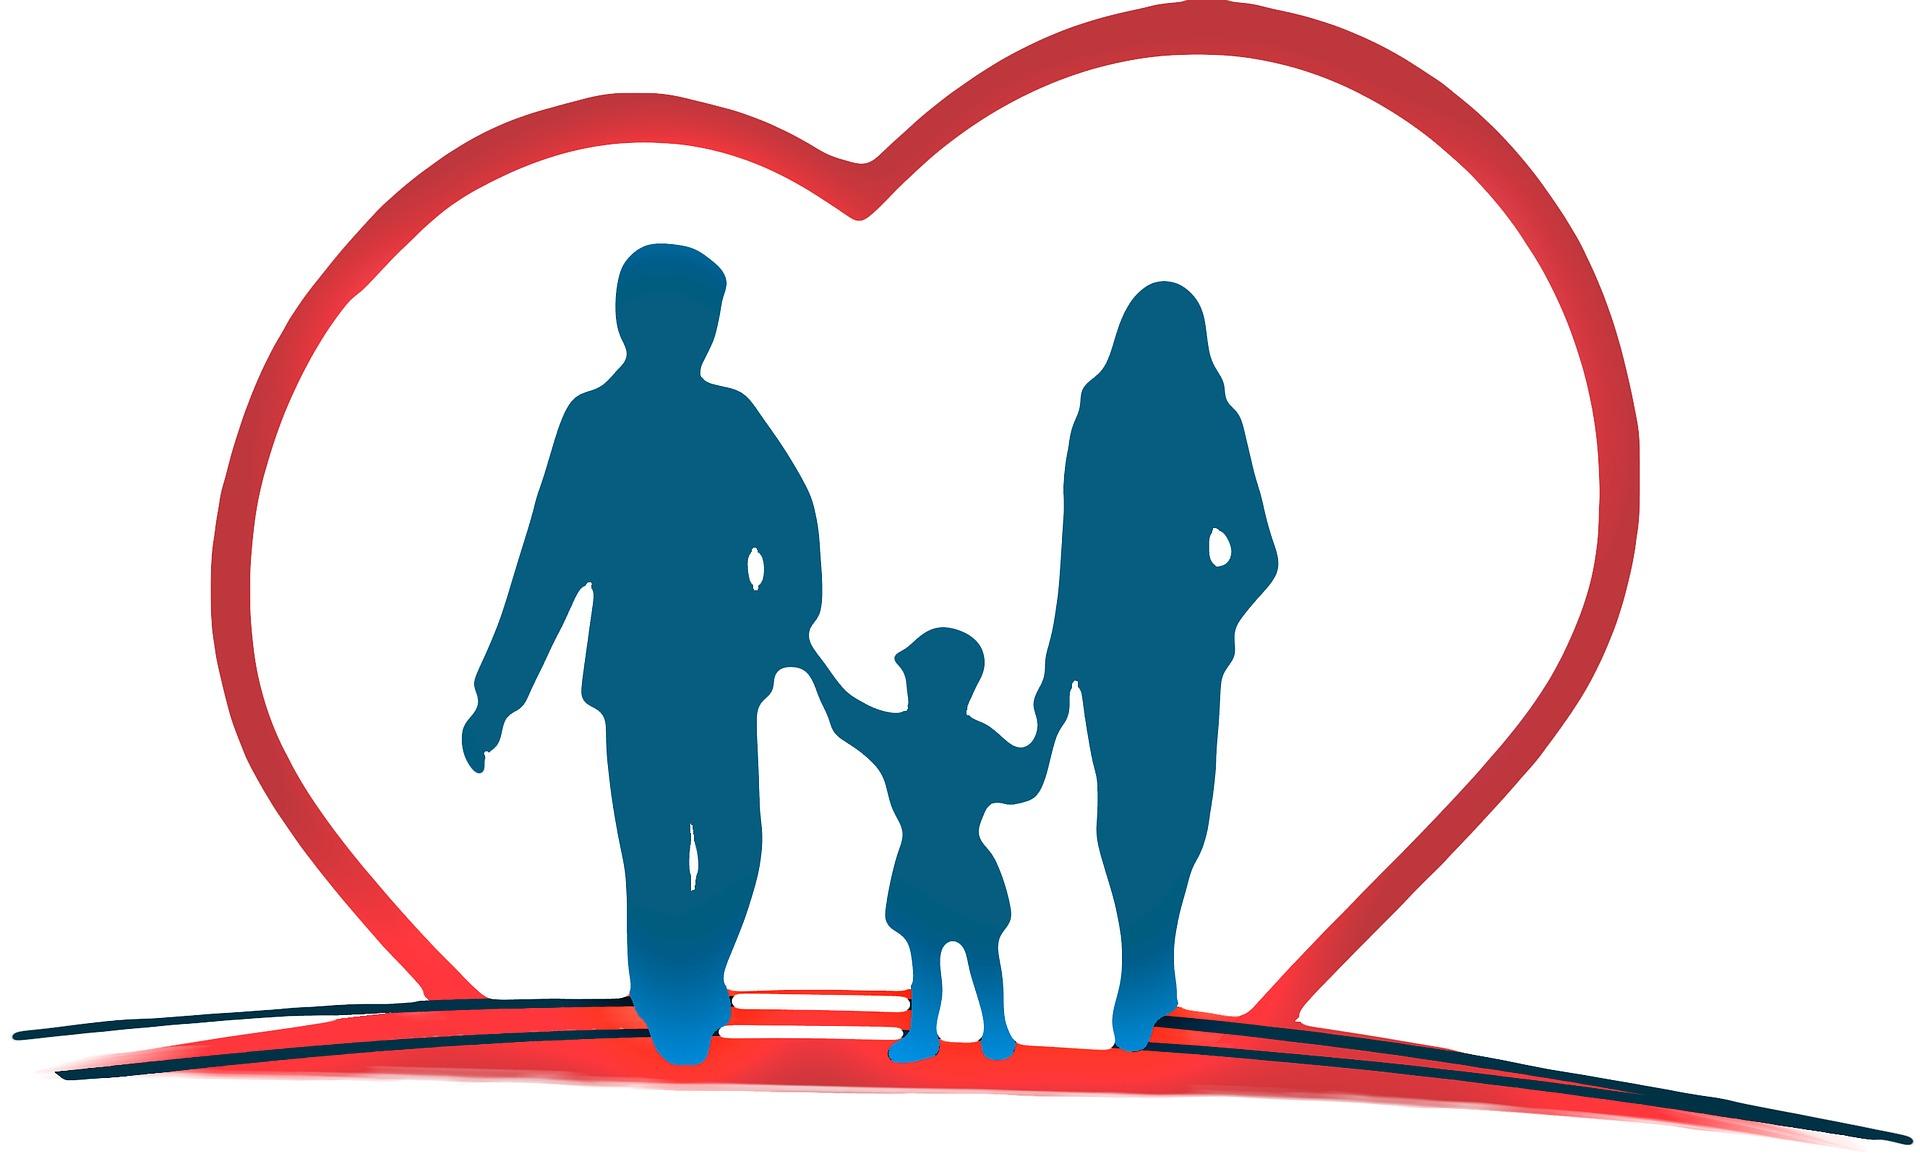 Een gezin dat hand in hand loopt met een hartje rond